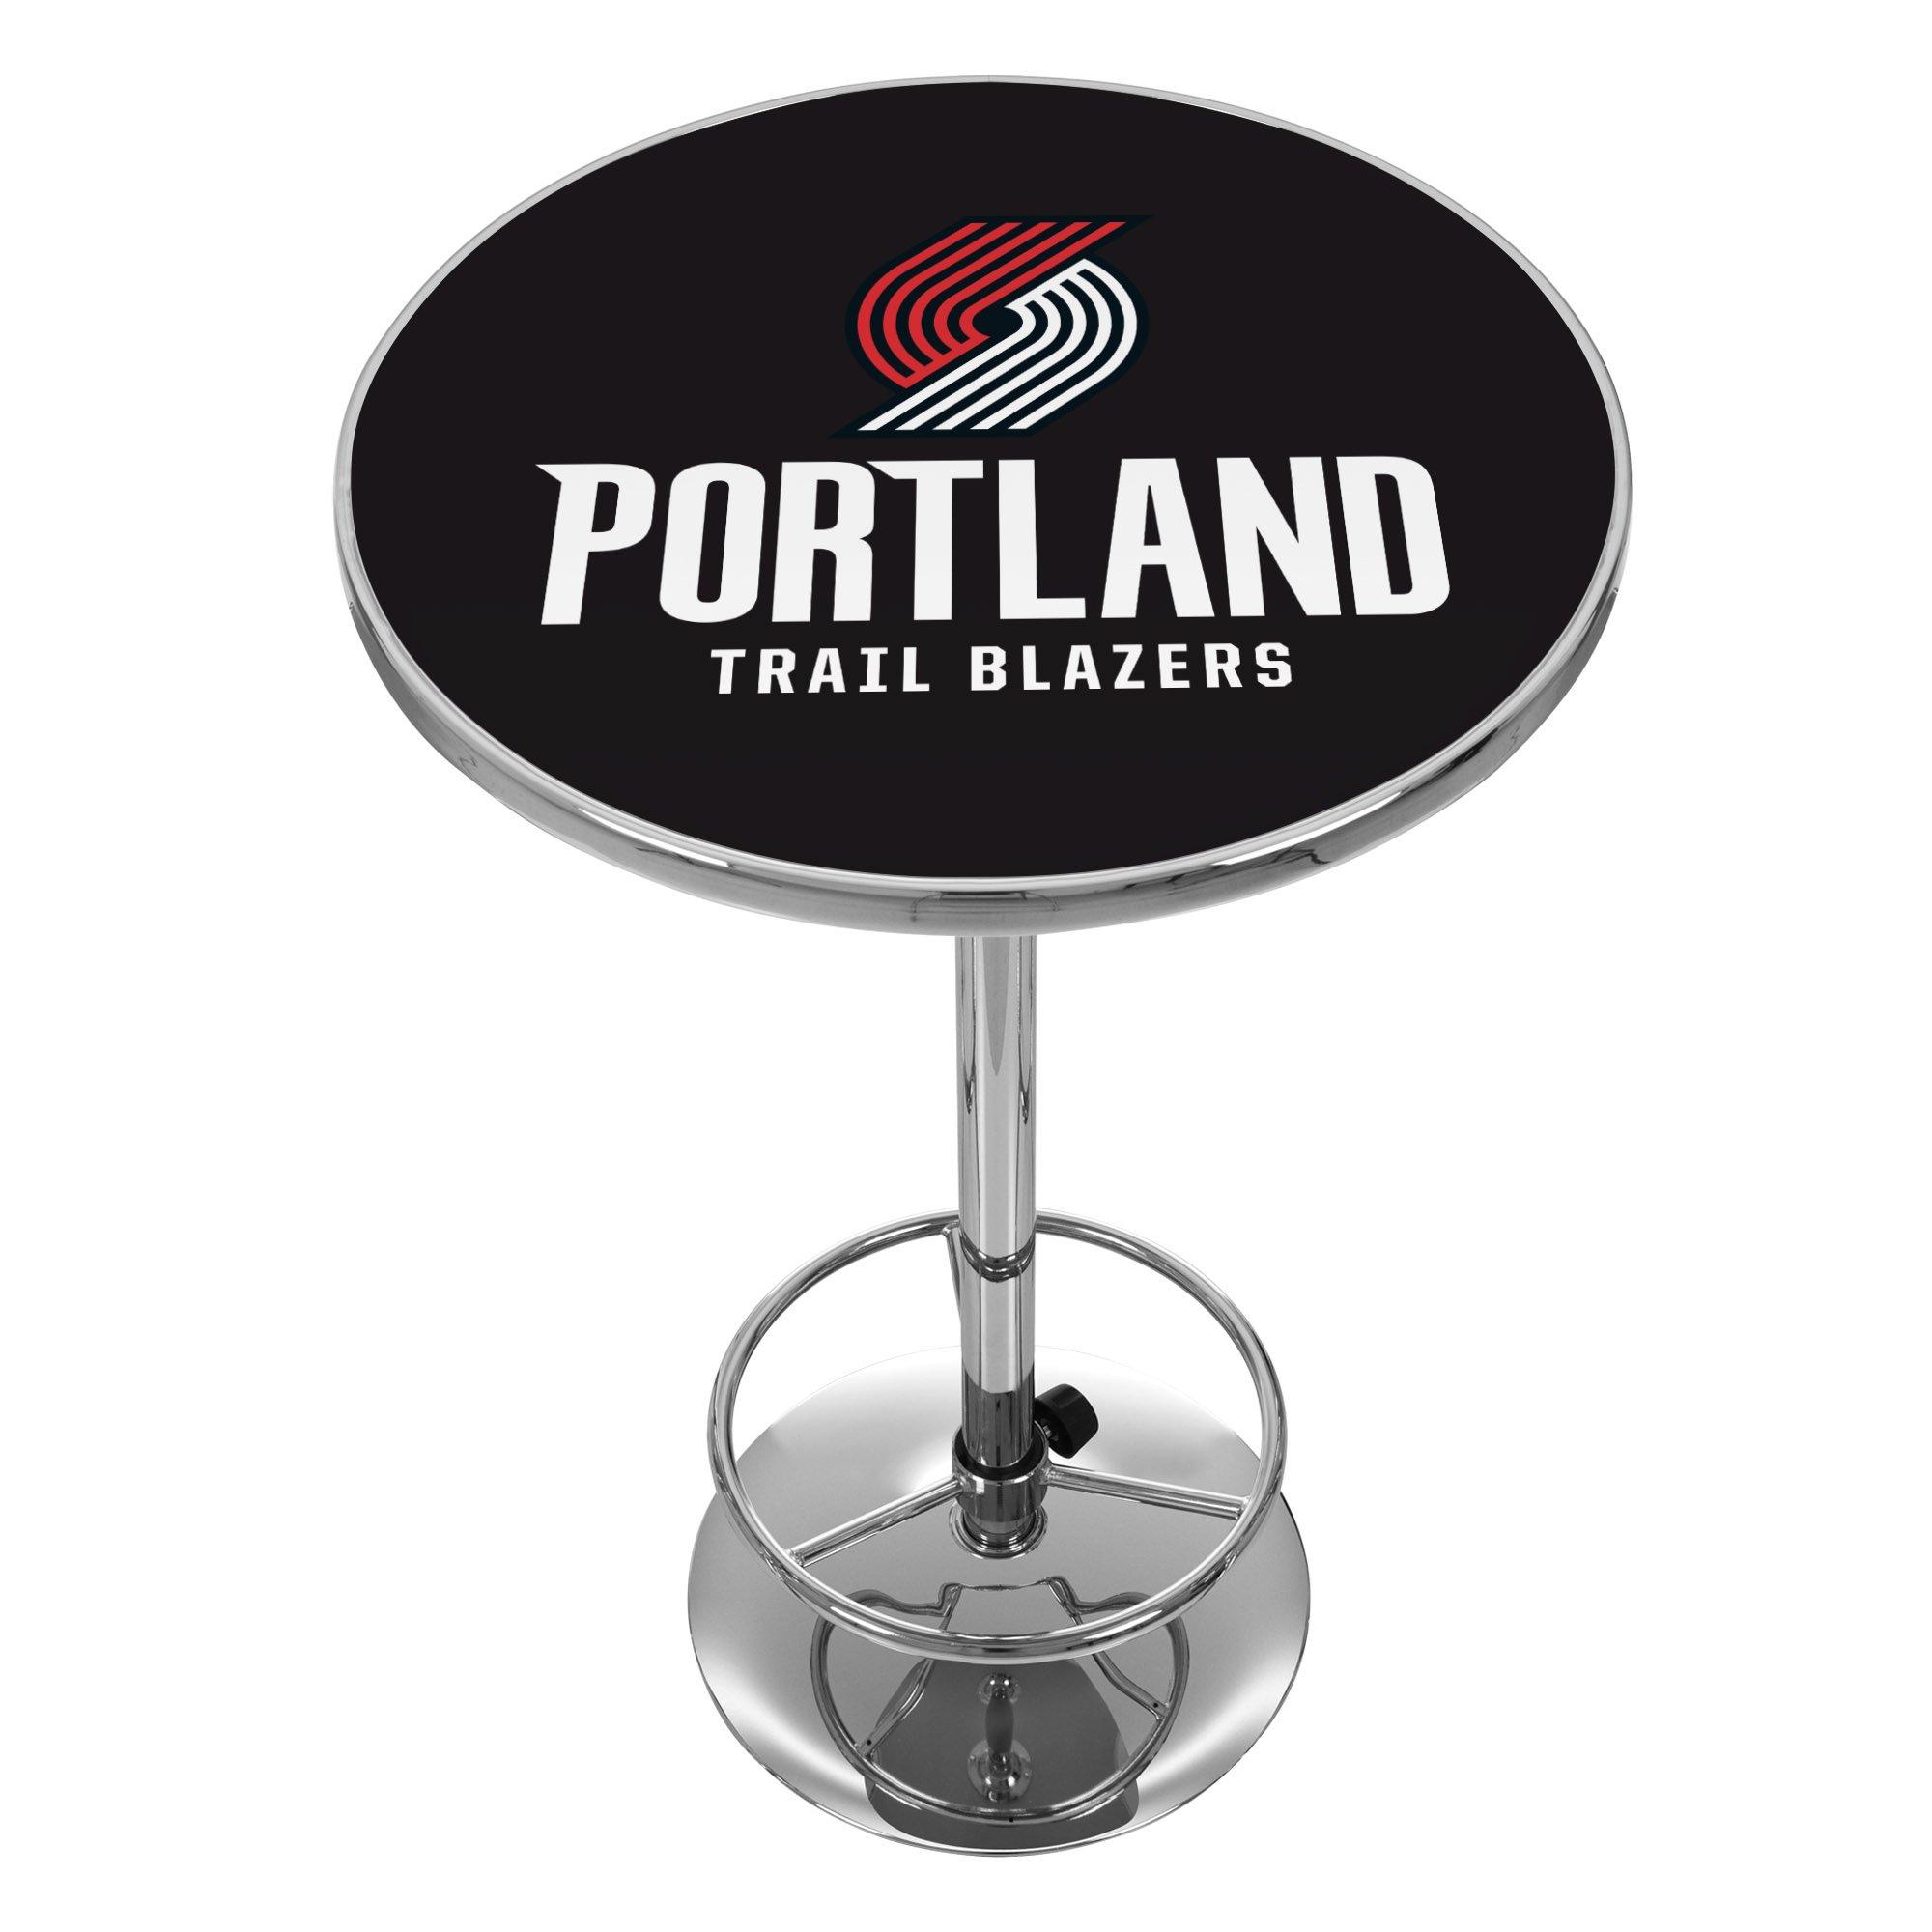 NBA Portland Trailblazers Chrome Pub Table